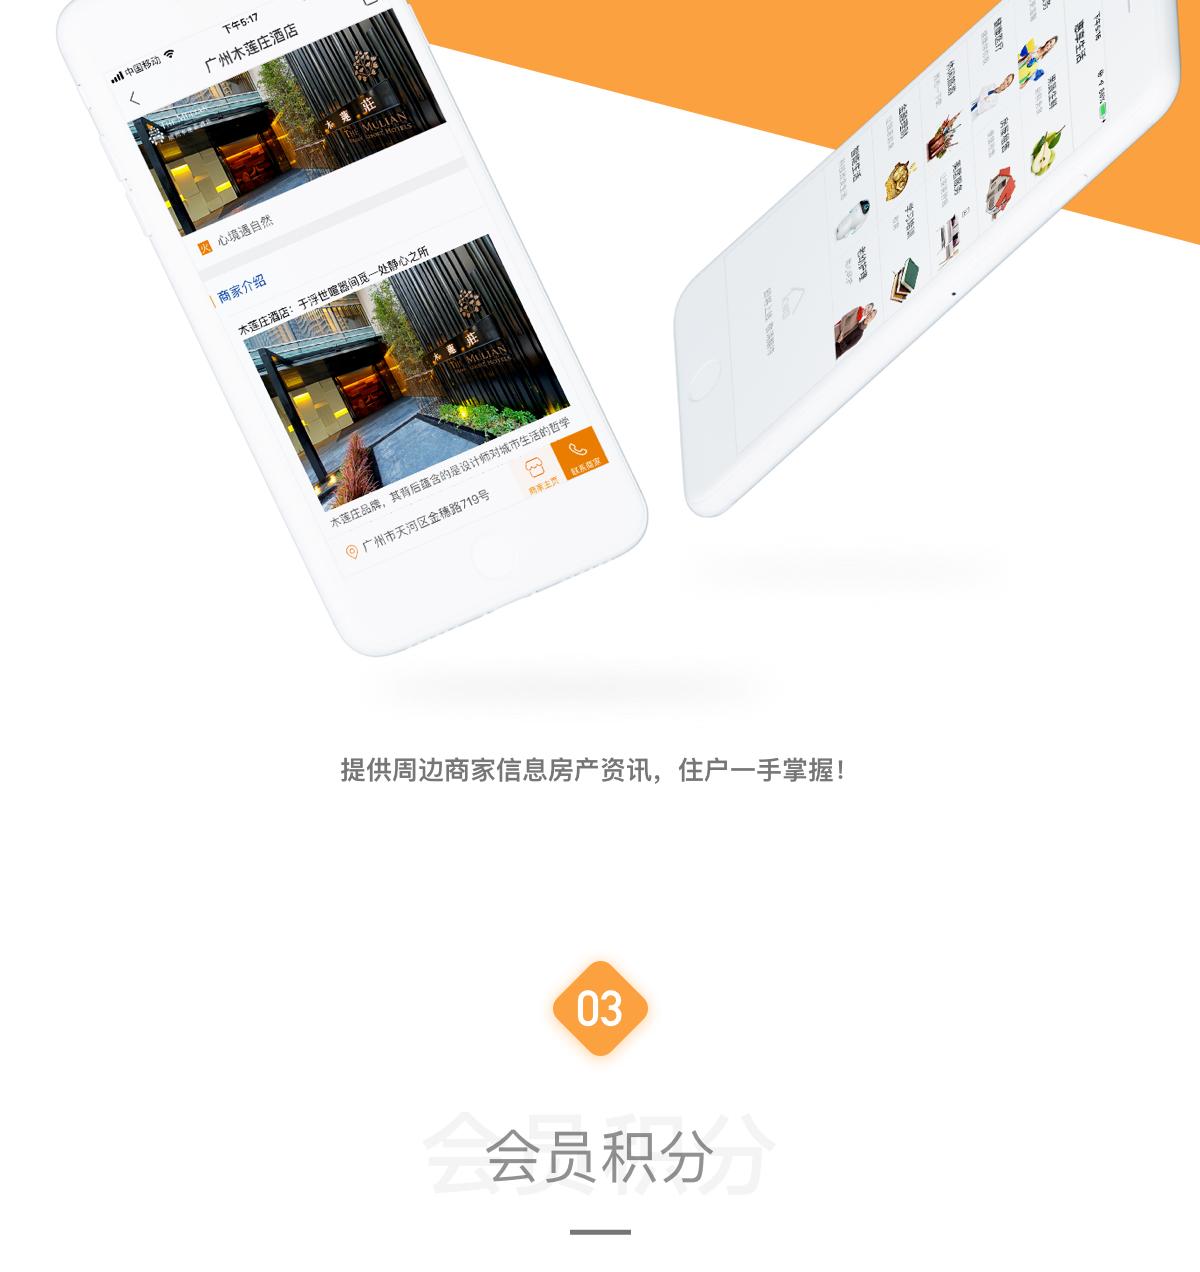 碧桂园物业管理APP解决方案-1080_05.png